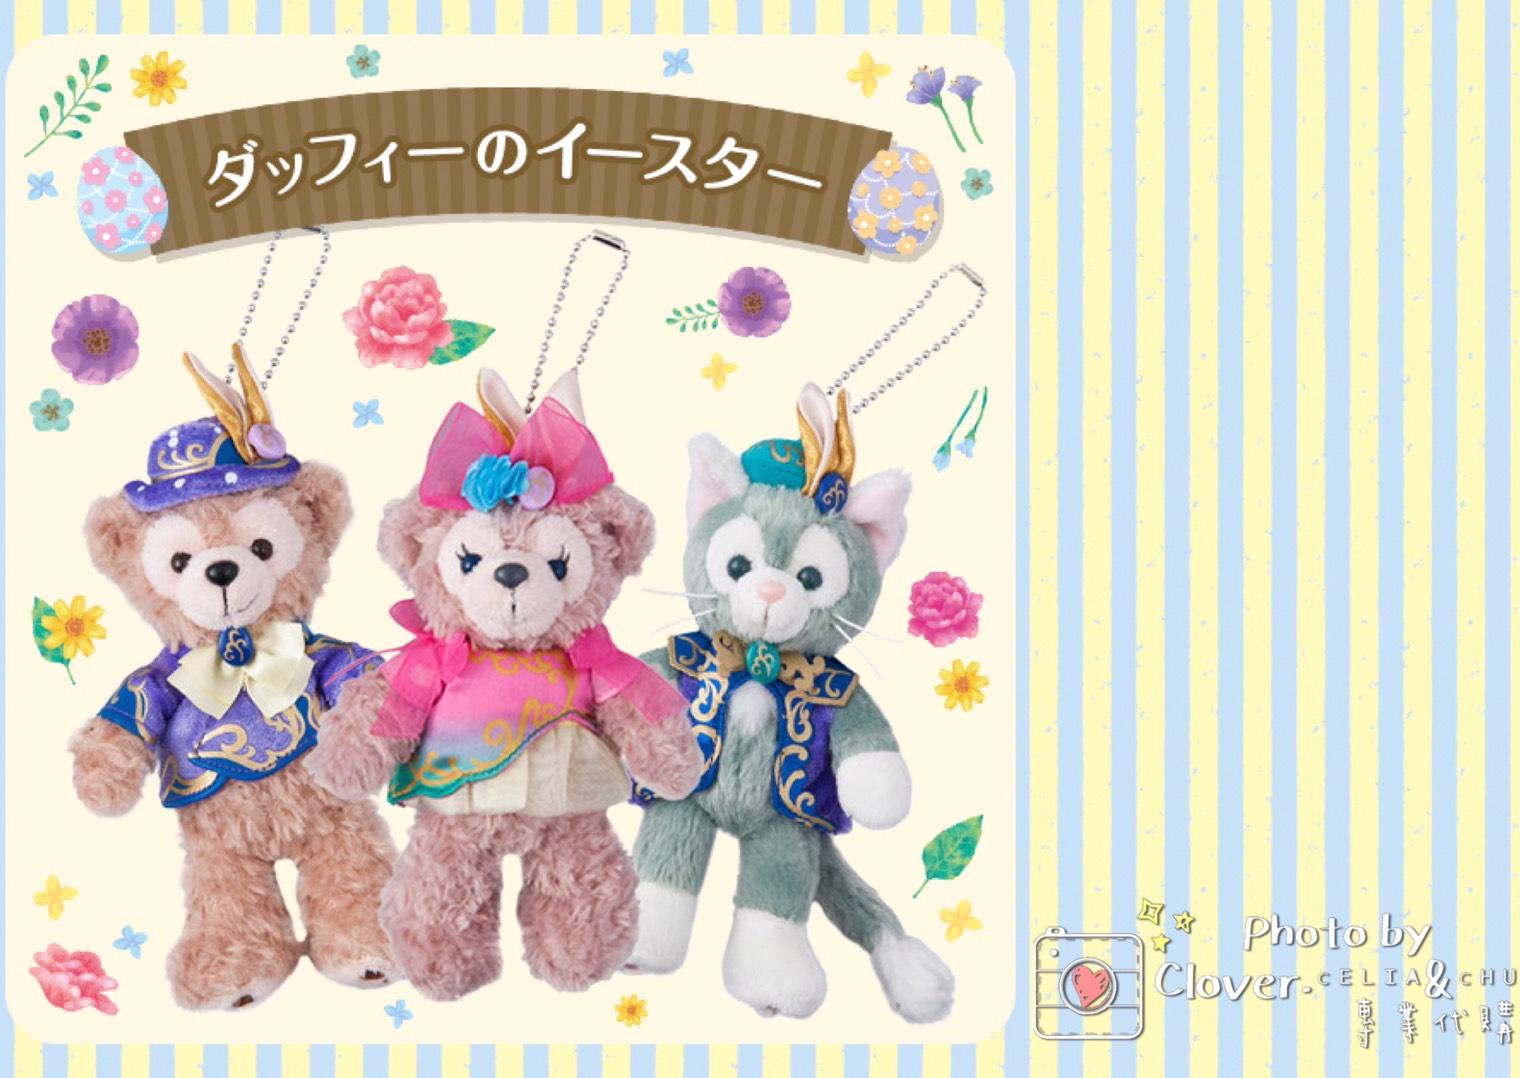 預購 東京迪士尼海洋 Duffy達菲 / Shelliemay 雪莉玫 / 傑拉托尼 復活節站姿吊飾15cm